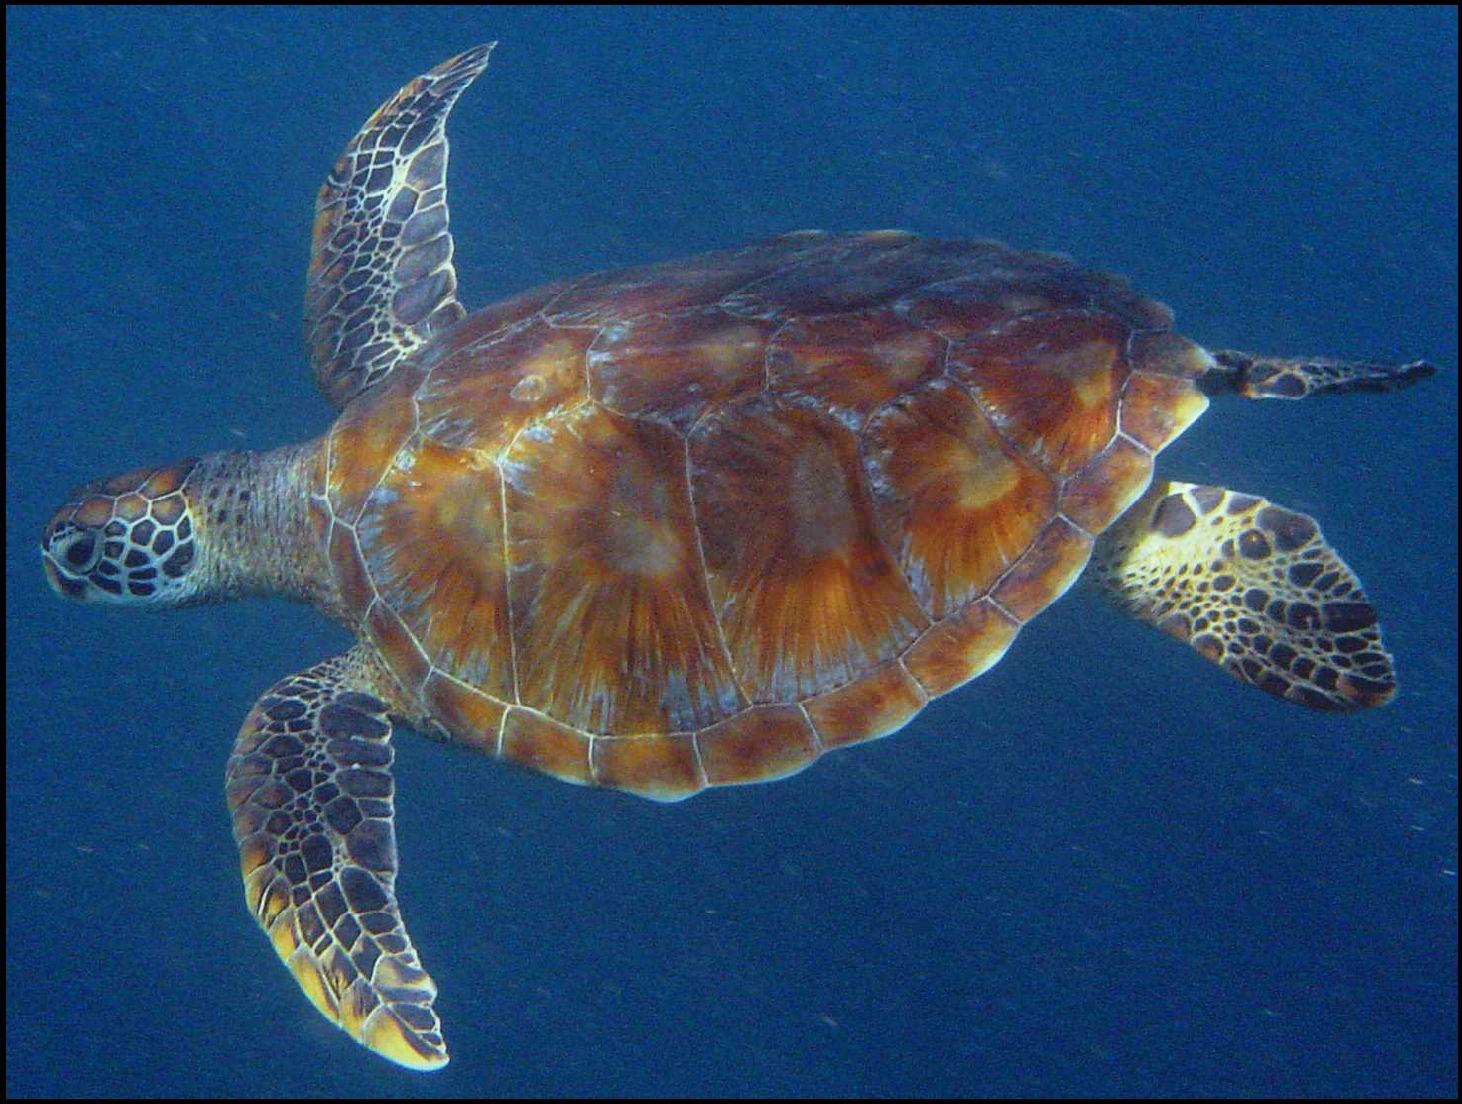 2000: le 26/11 à 5h15 - Disque ou Sphère OSNI - Rasdhoo Atol (Maldives)  Tortue-verte